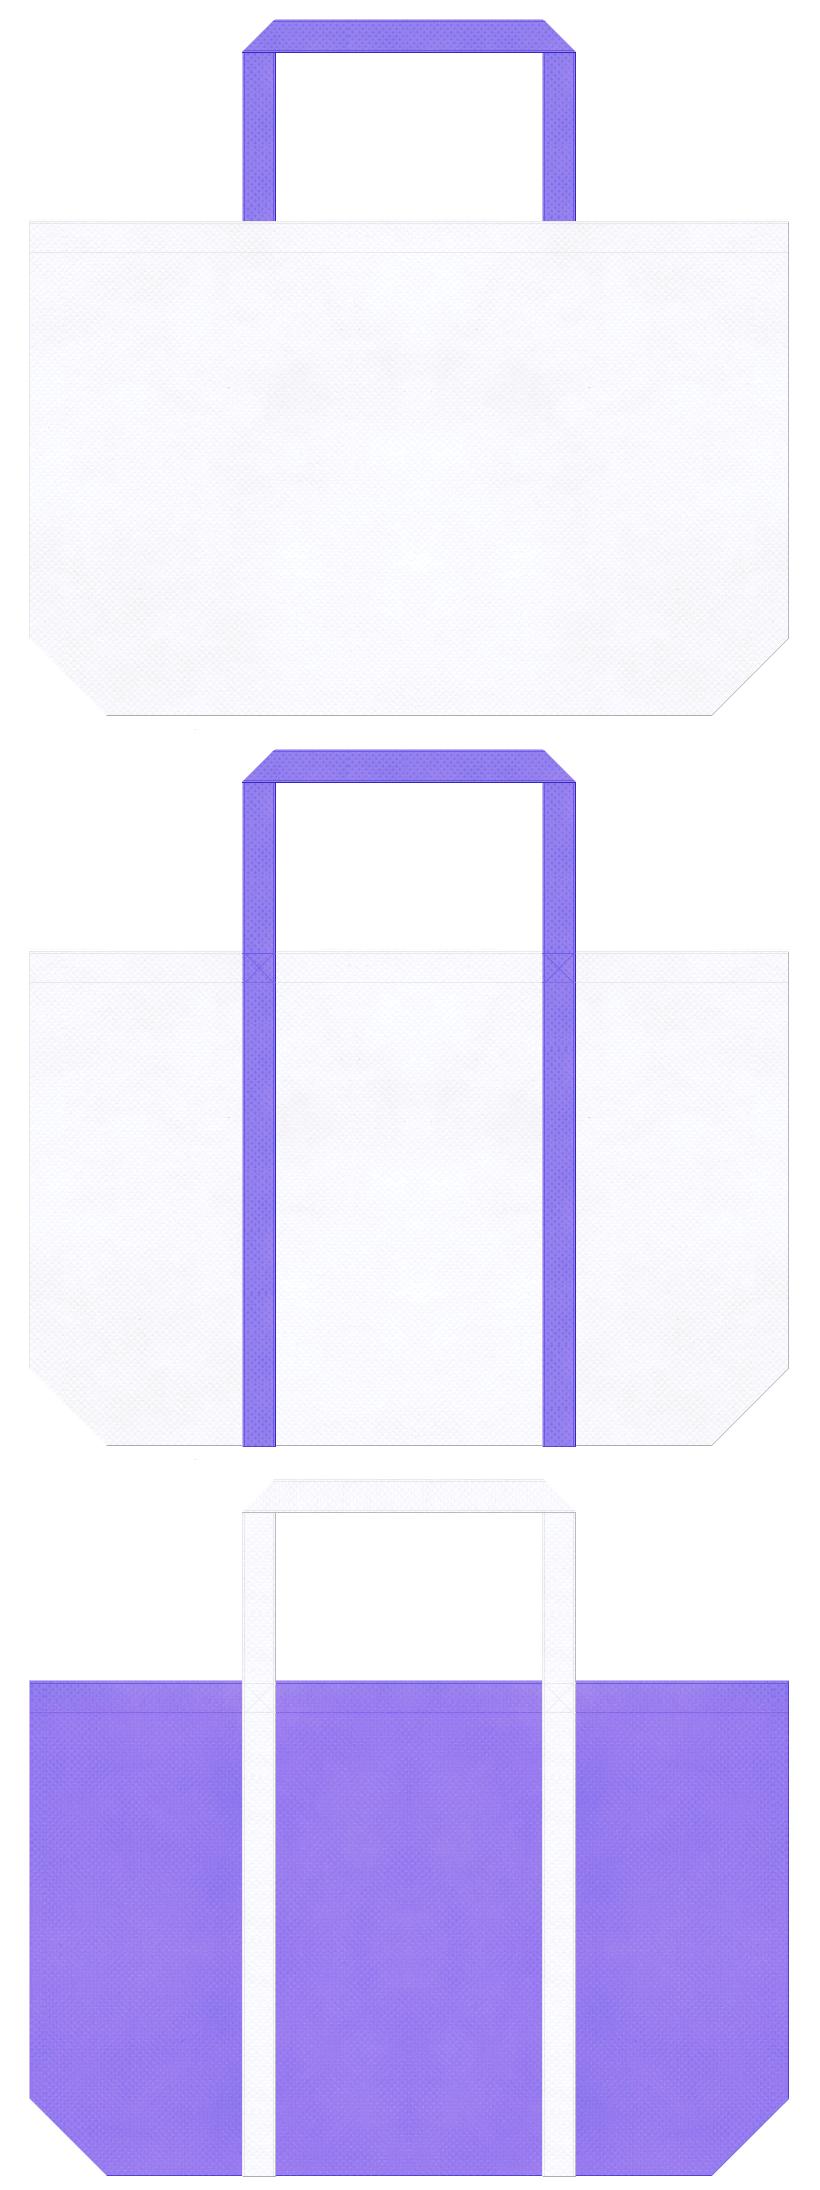 白色と薄紫色の不織布ショッピングバッグデザイン